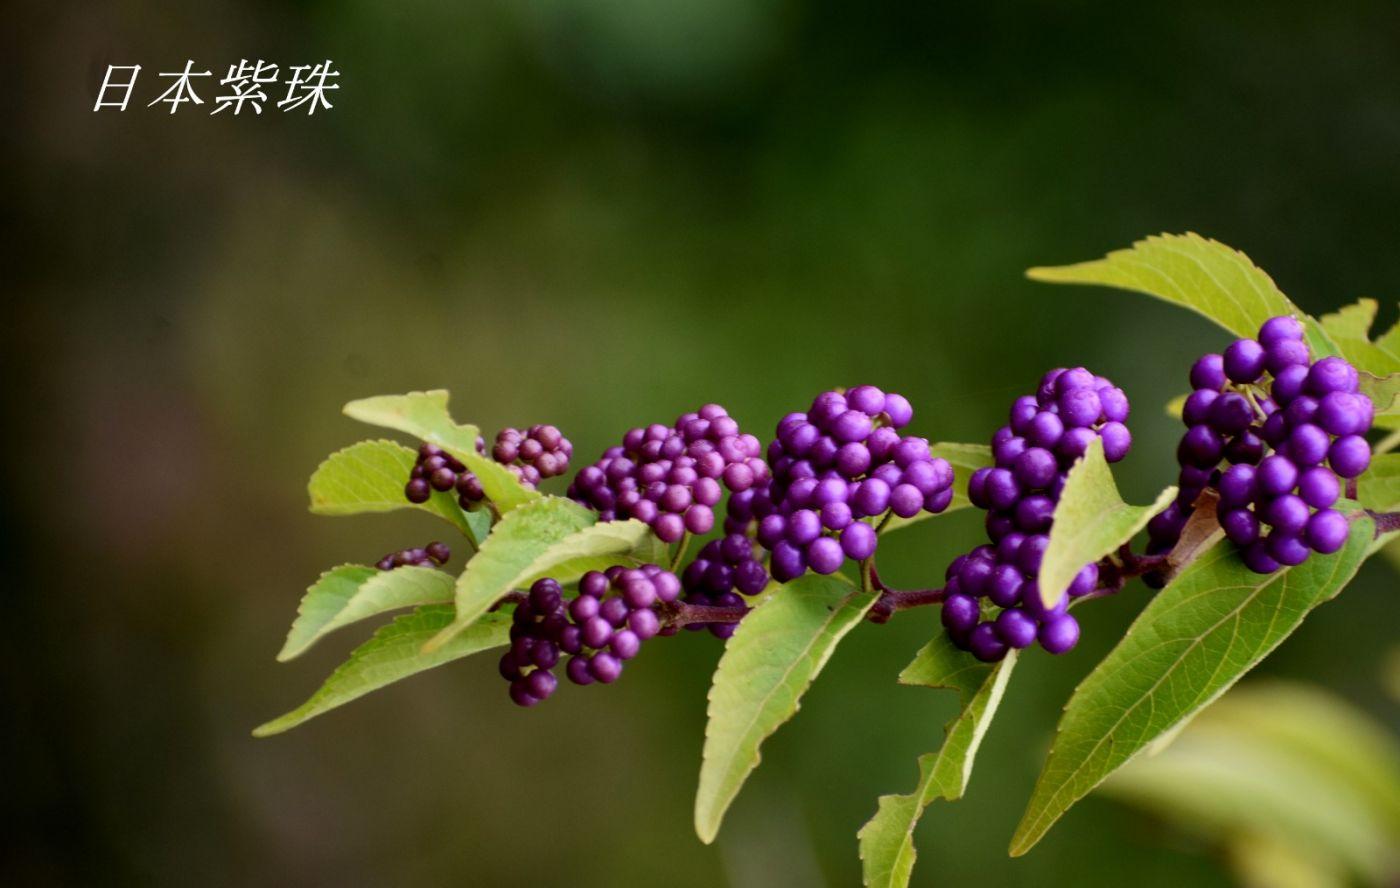 花草图谱 (30)_图1-8